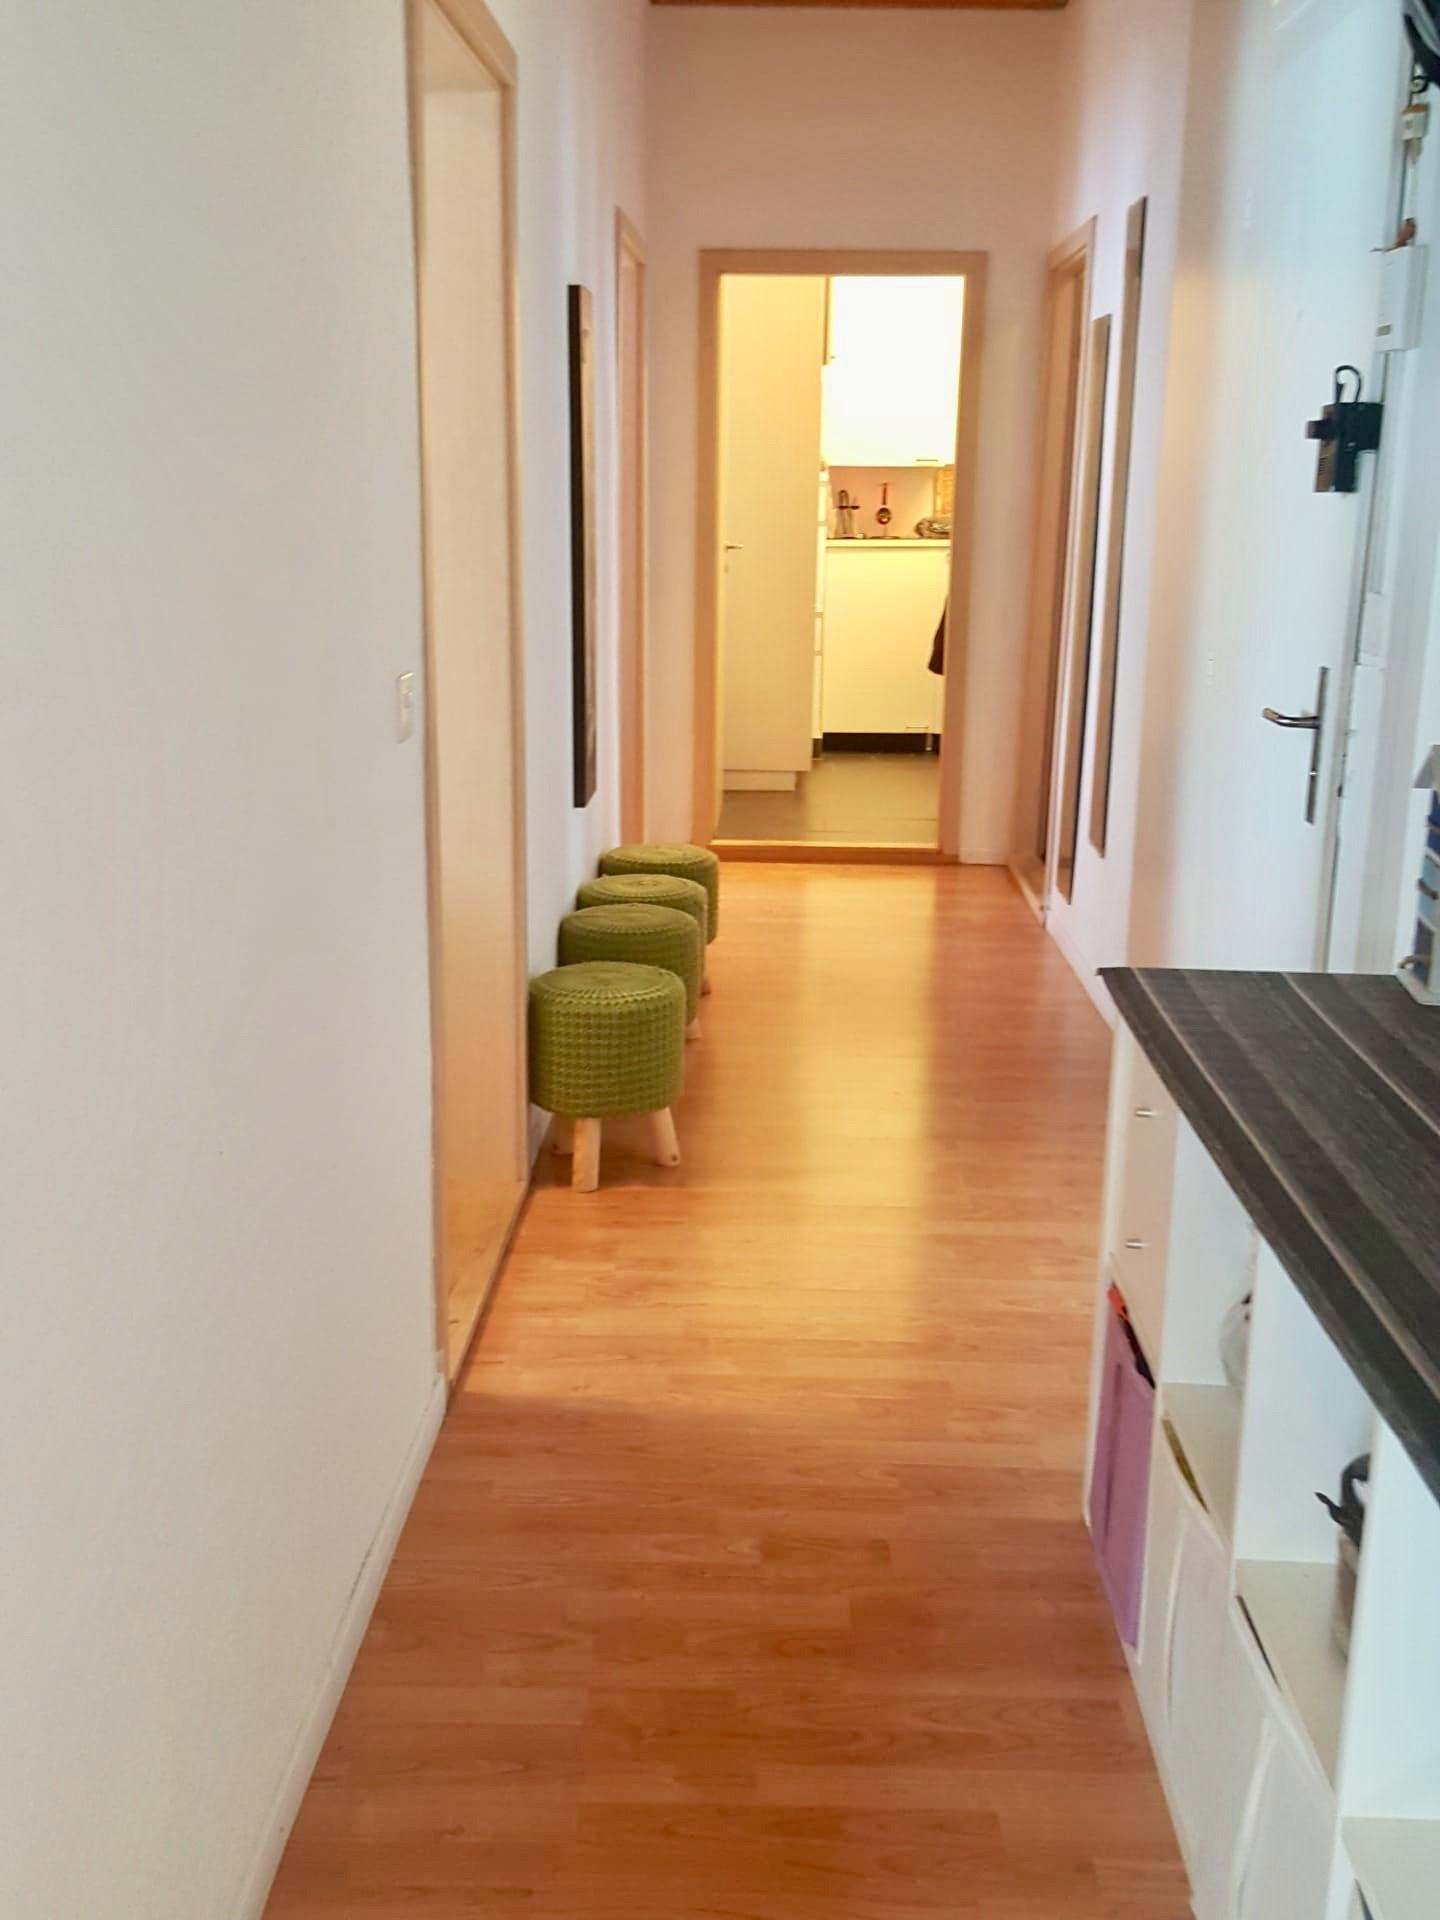 Miete: schöne und grosse Wohnung mit Balkon